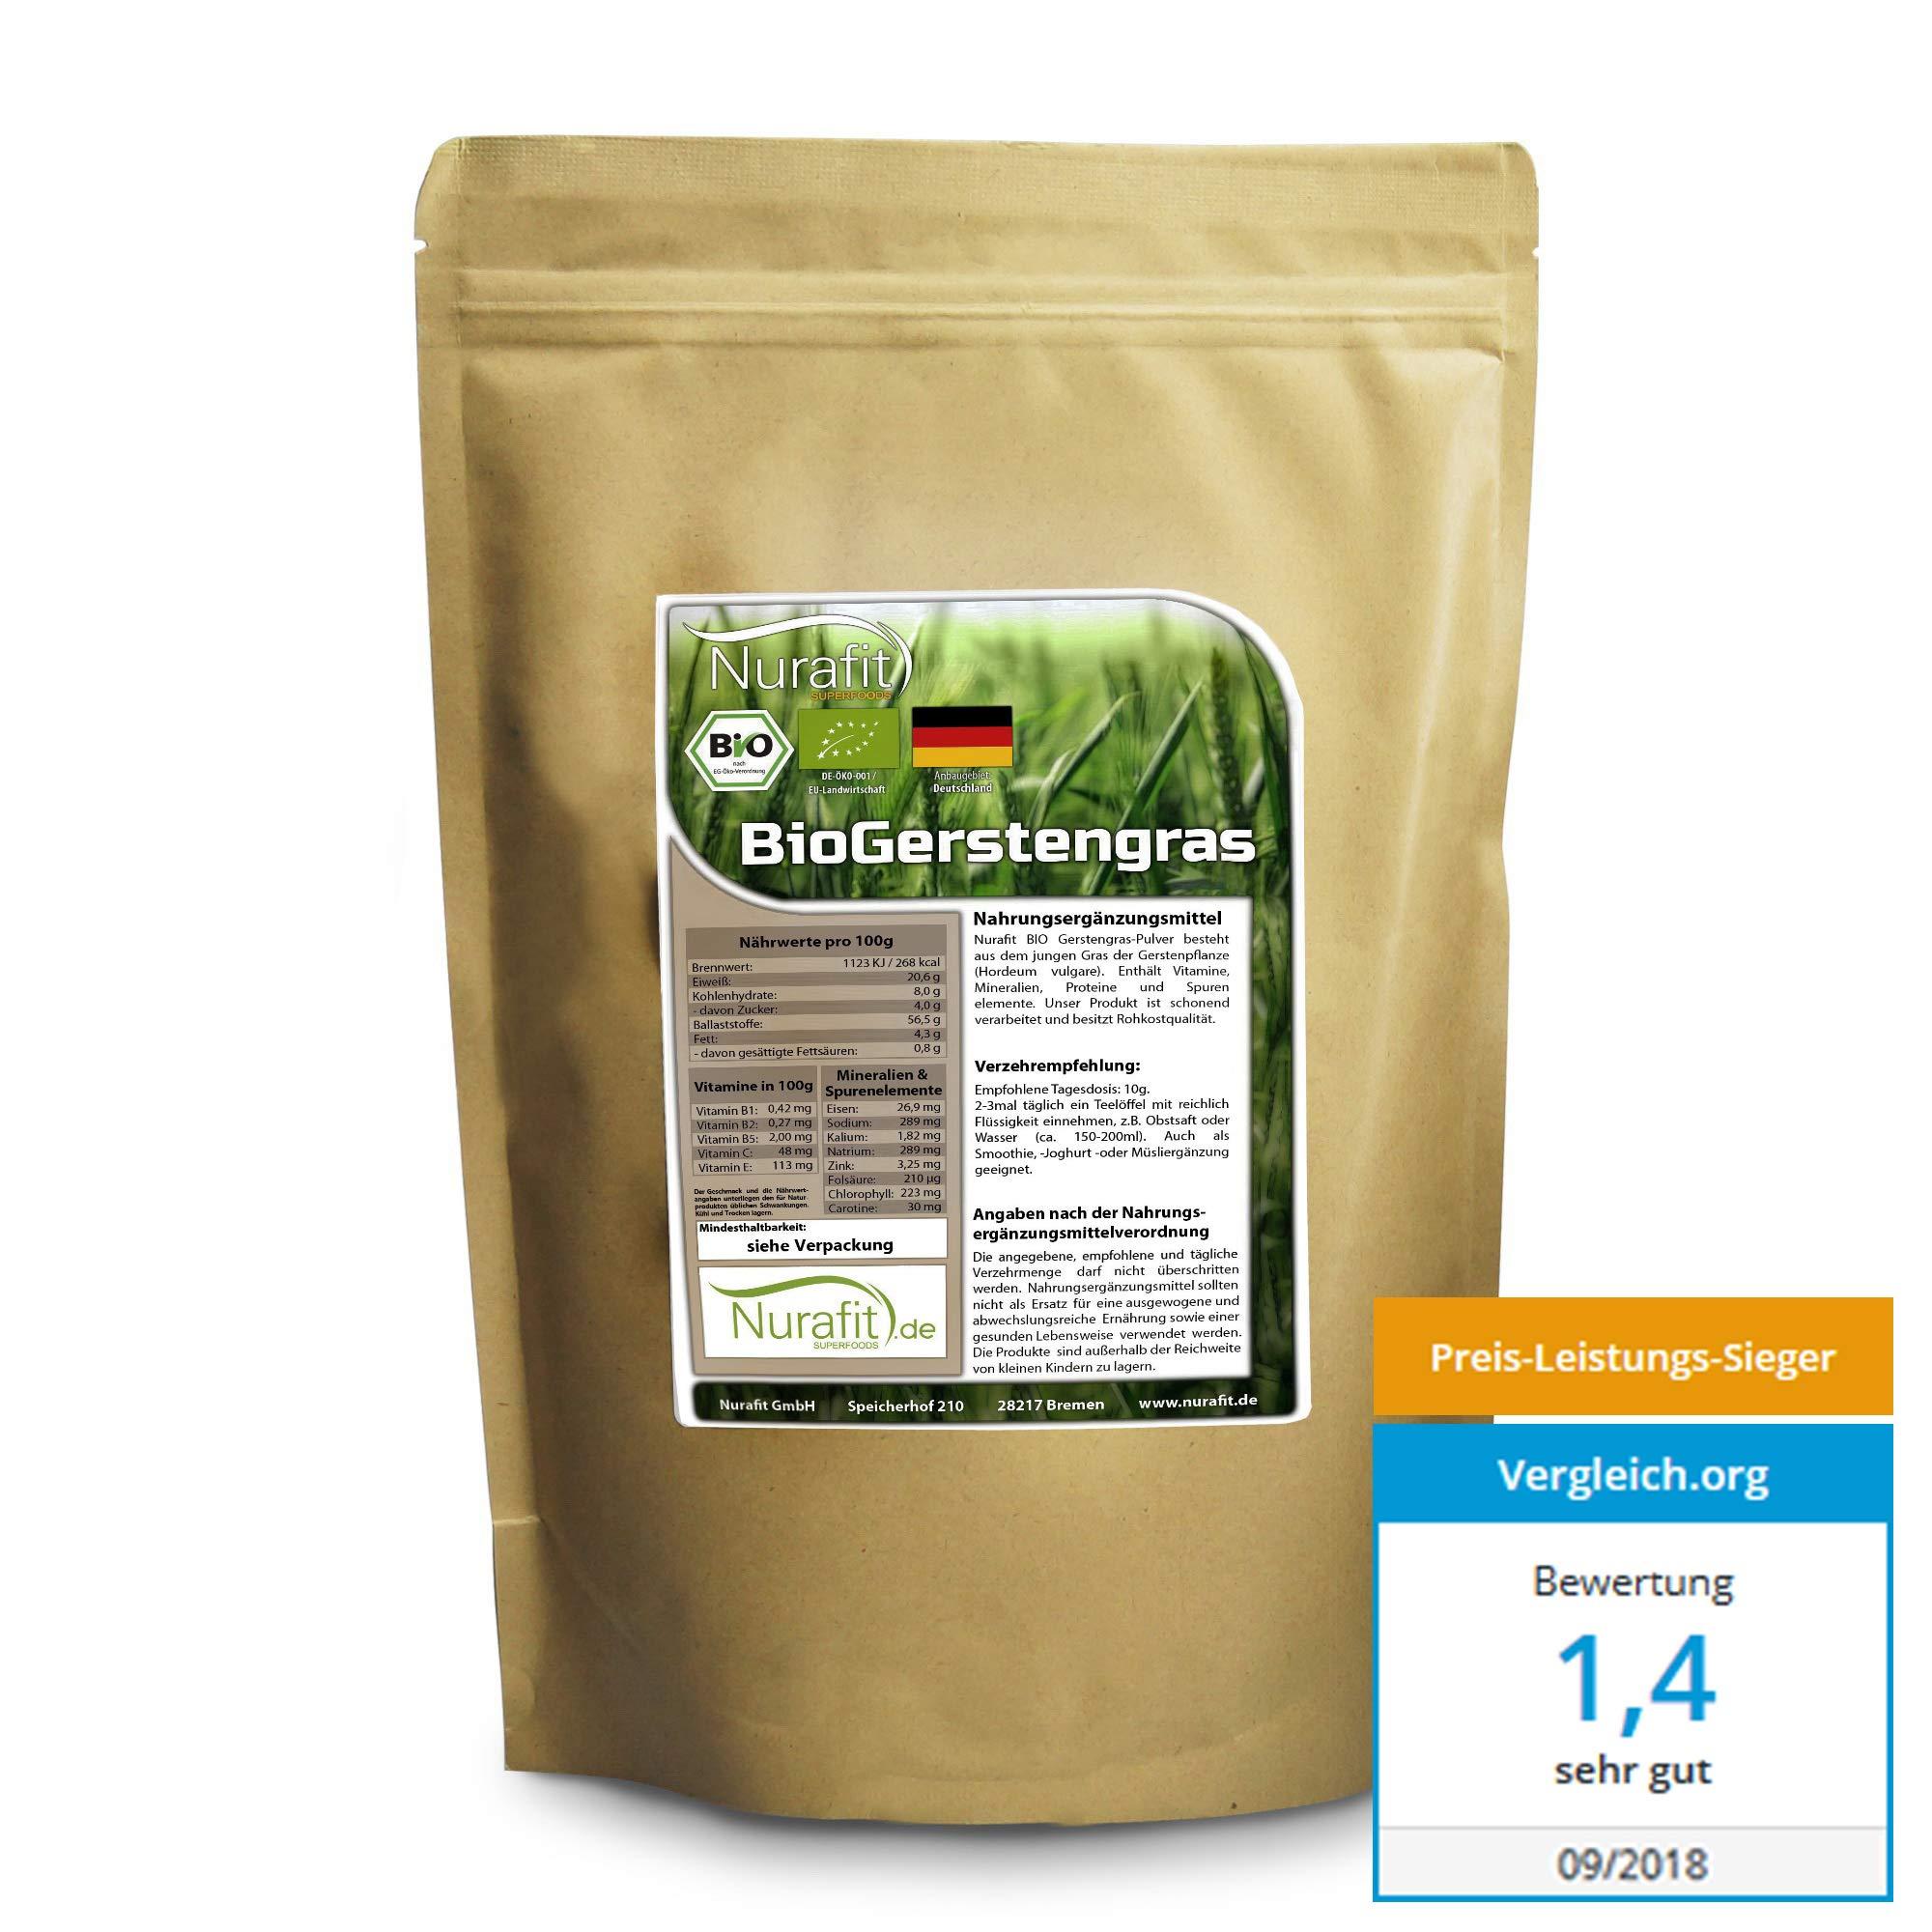 Nurafit reines BIO  Gerstengras-Pulver | Green-Smoothie Pulver | zertifizierte Spitzenqualität | Gerstenpulver ohne Zusatzstoffe | Natürlicher Gerstengrasssaft Drink | 500g / 0,5kg product image